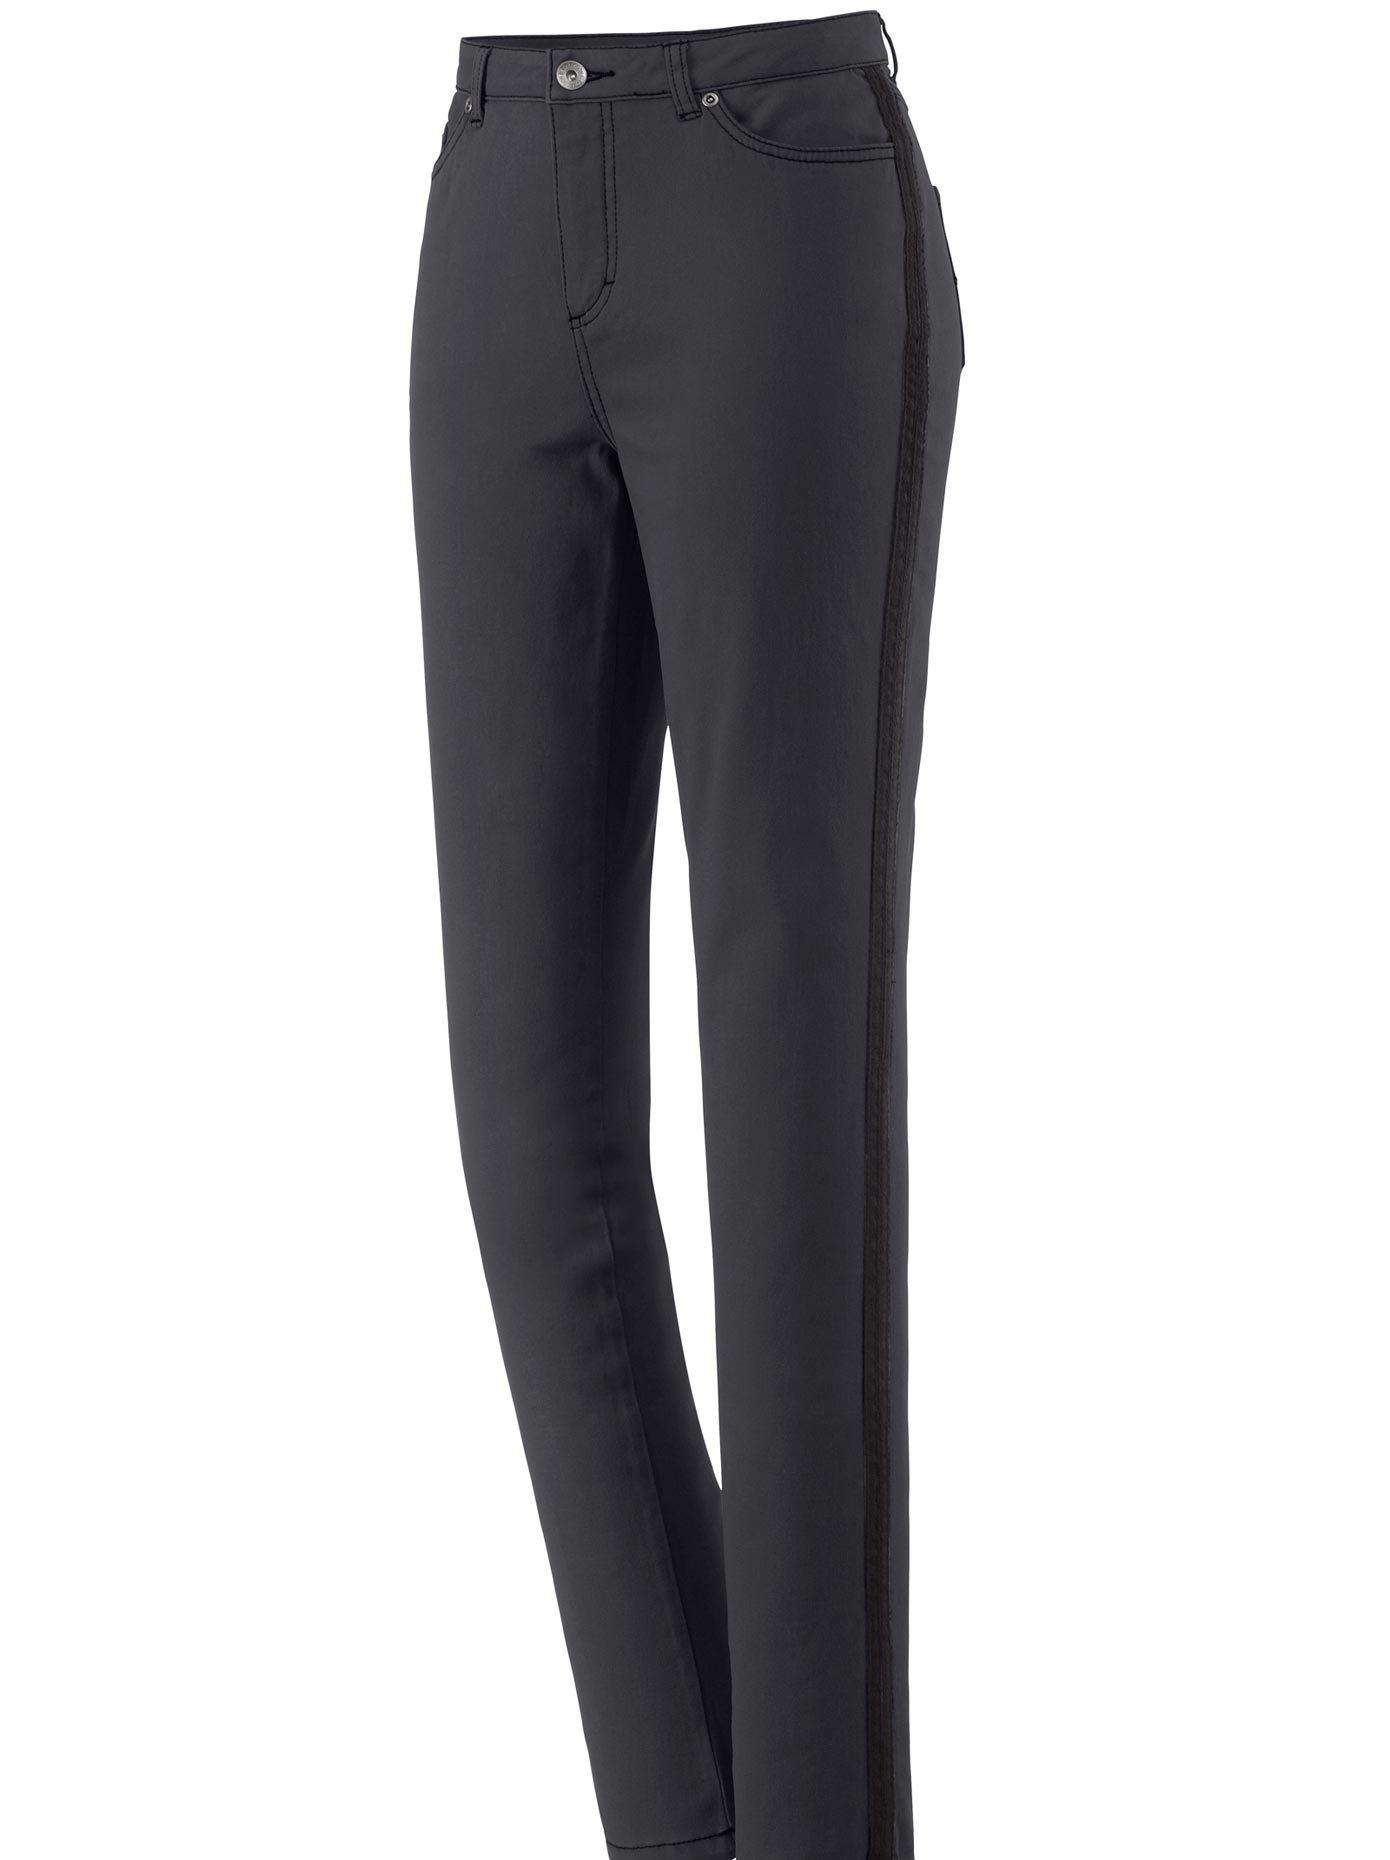 Casual Looks Jeans met afkledende contraststrepen opzij voordelig en veilig online kopen